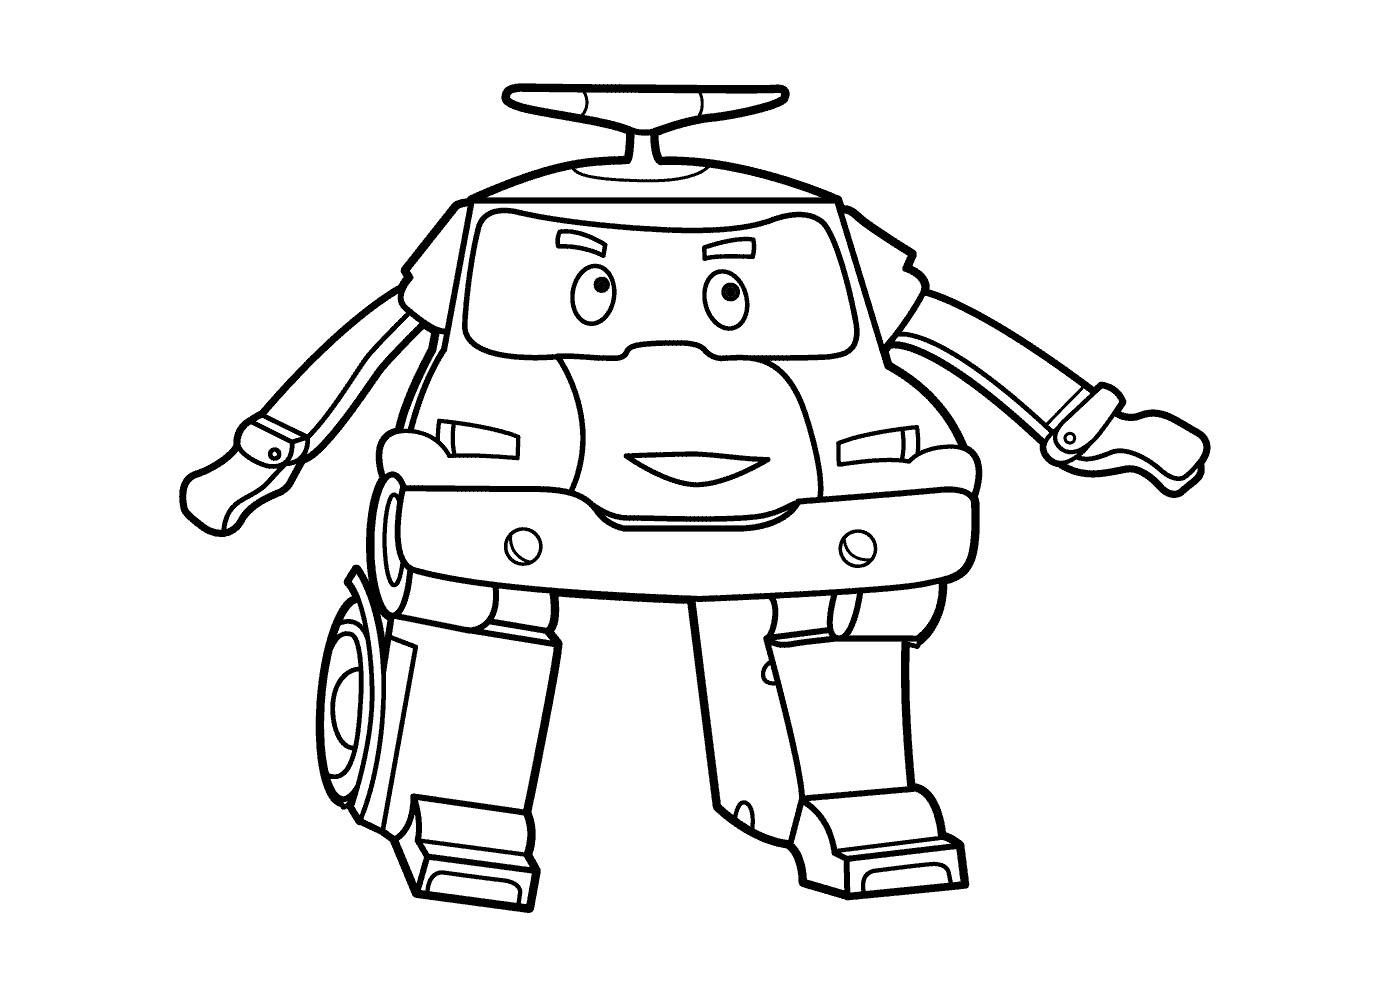 dessin de robocar poli a imprimer gratuit